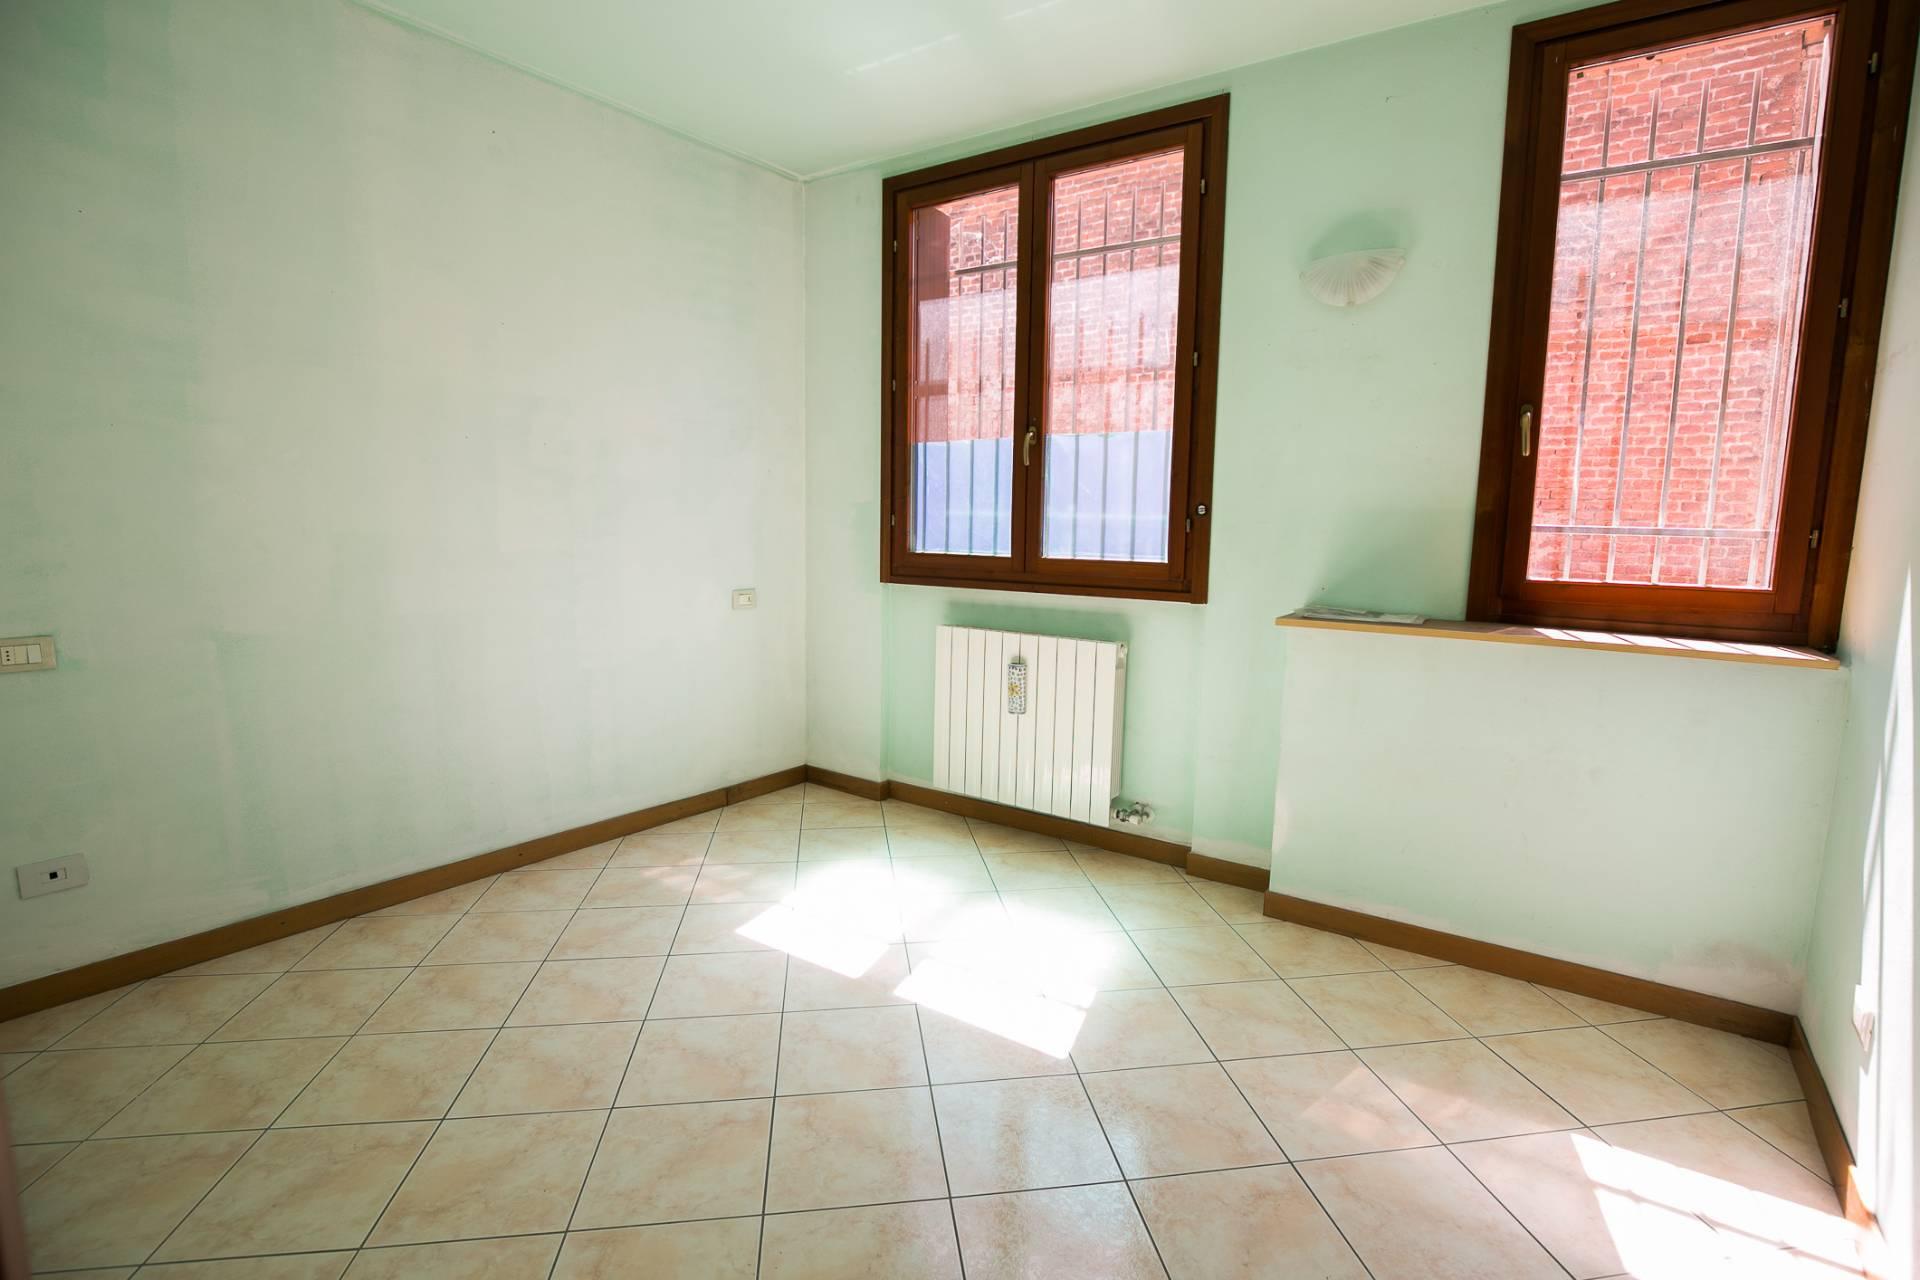 Appartamento in vendita a Uboldo, 3 locali, prezzo € 75.000 | CambioCasa.it